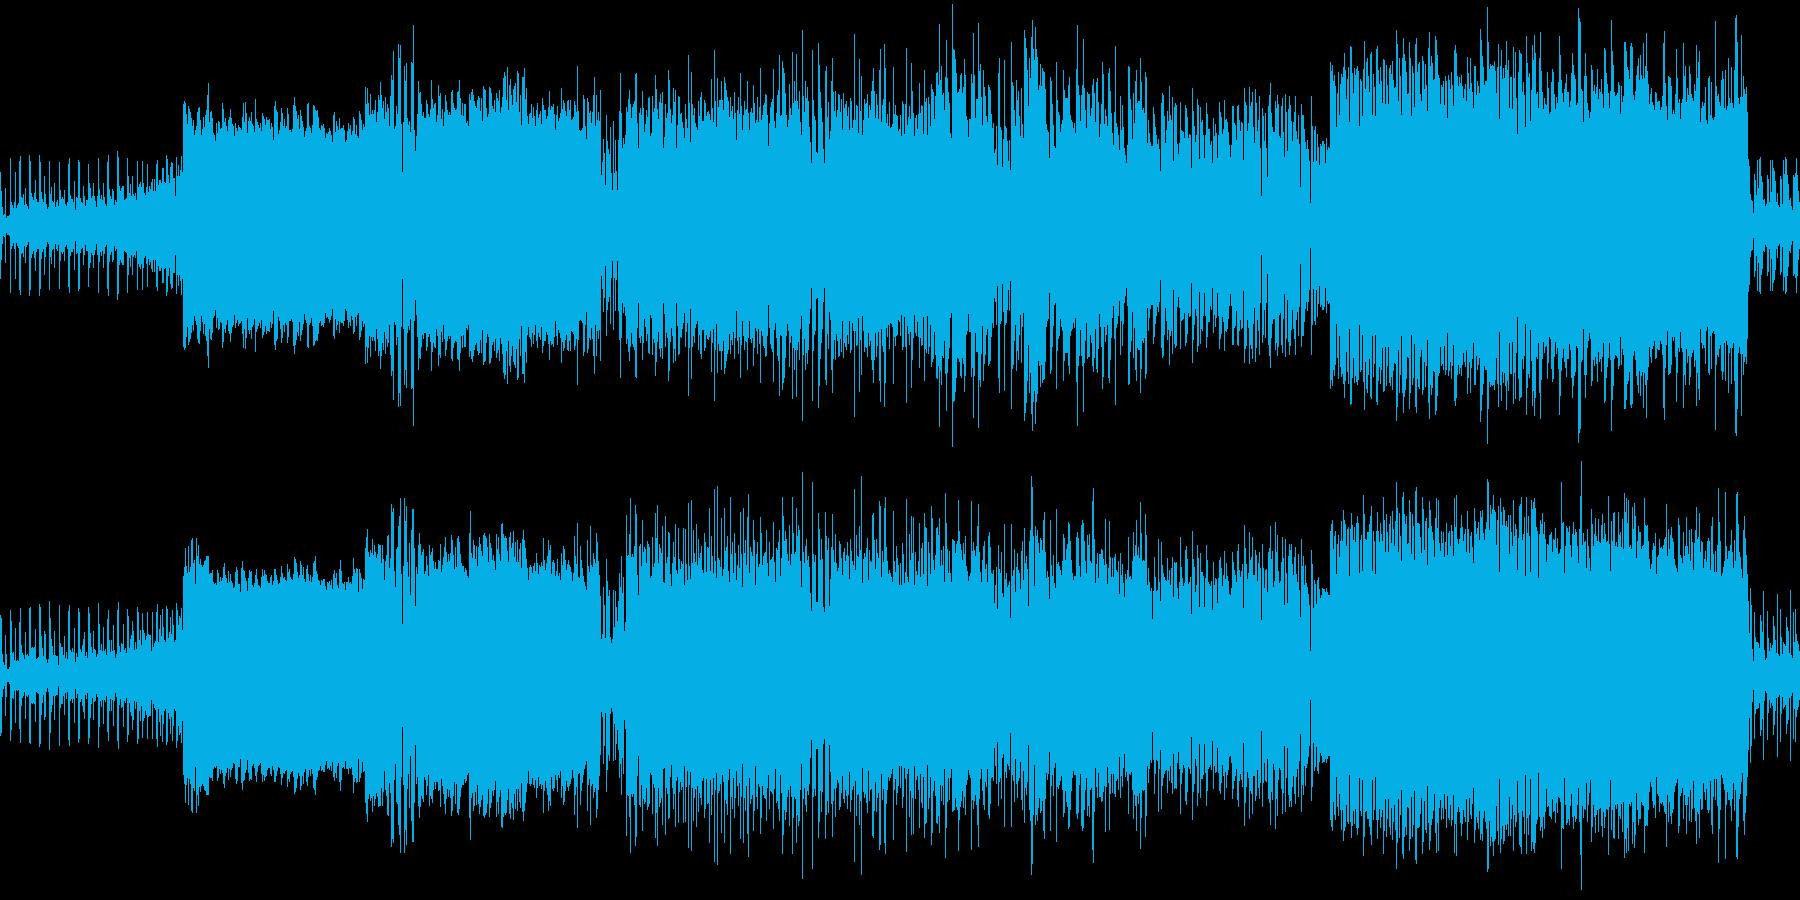 オープニング用の激しいトランス風ロックの再生済みの波形